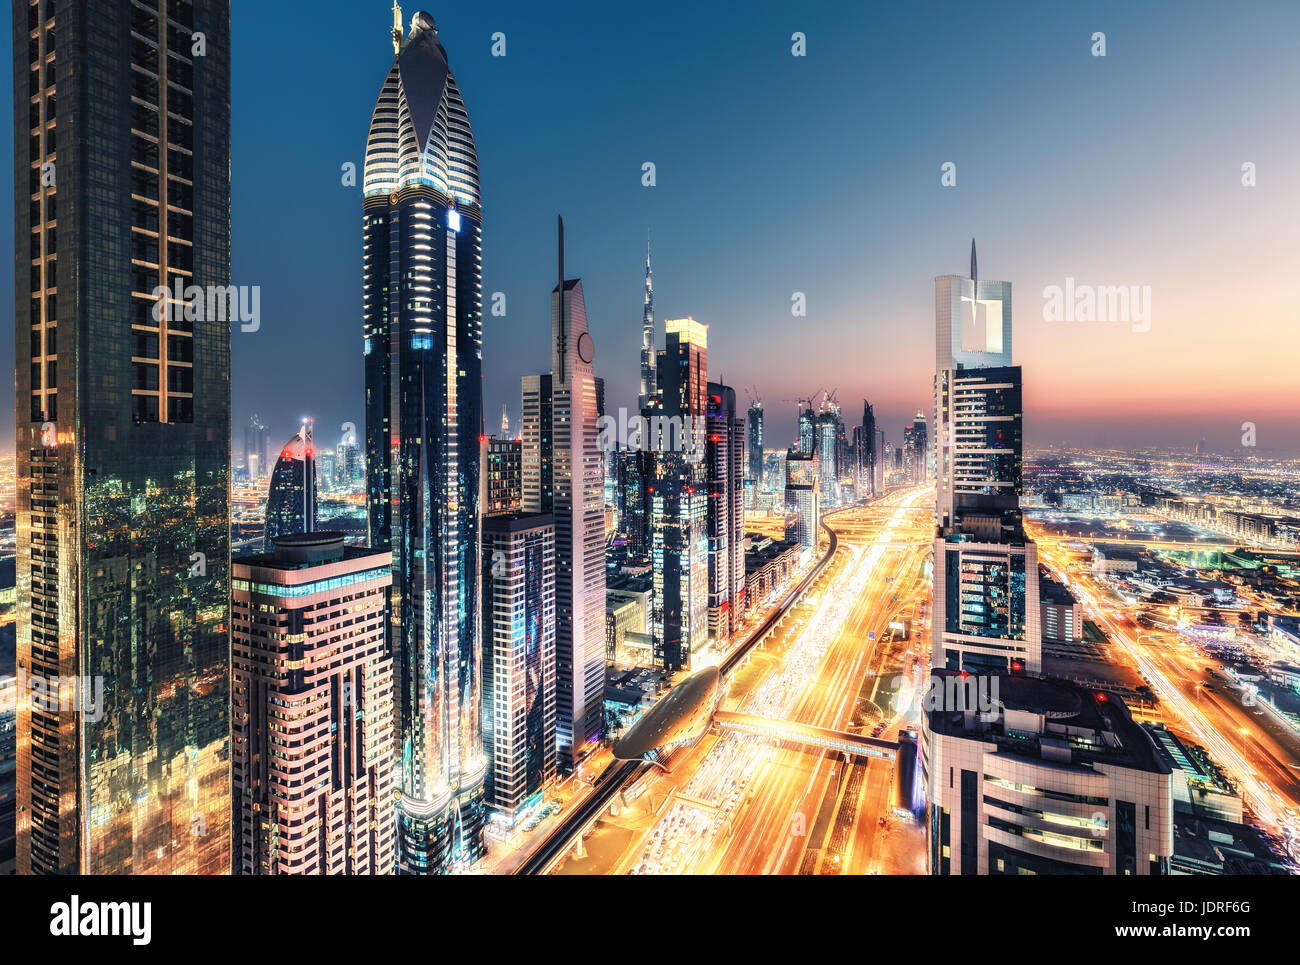 spektakul re n chtliche skyline von dubai vereinigte arabische emirate futuristische. Black Bedroom Furniture Sets. Home Design Ideas